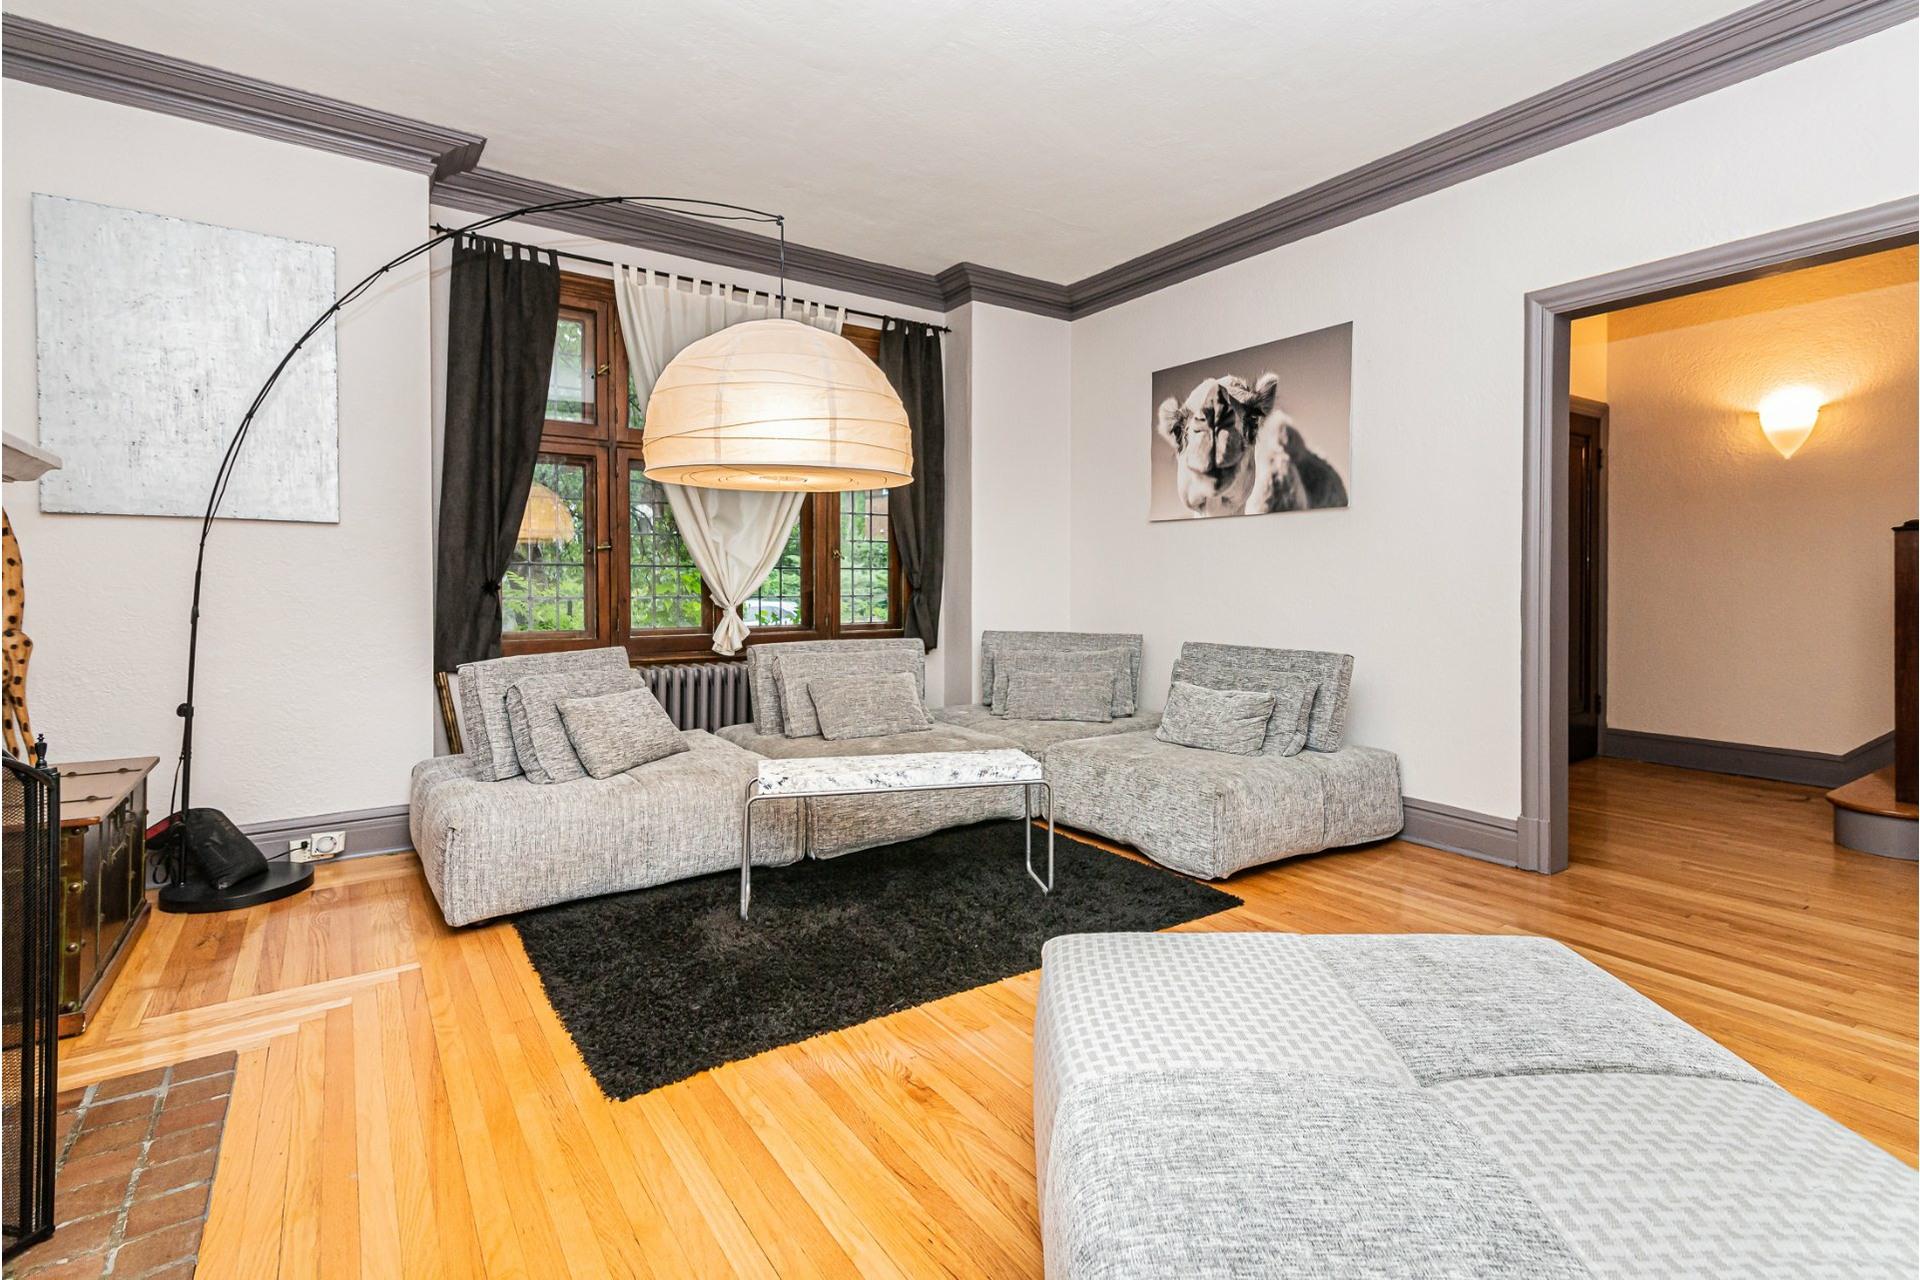 image 3 - House For rent Côte-des-Neiges/Notre-Dame-de-Grâce Montréal  - 9 rooms